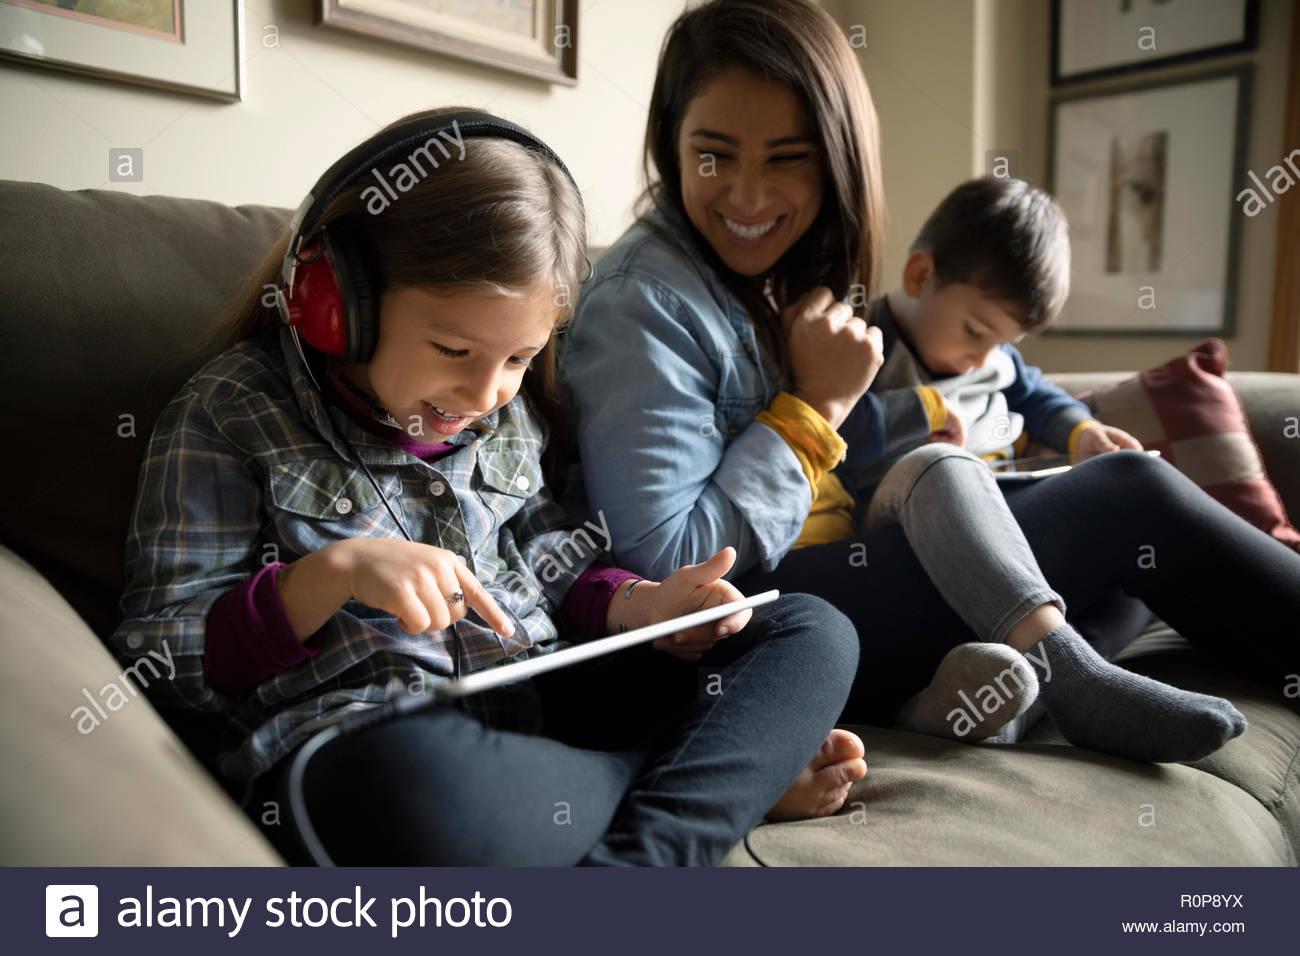 Madre Latinx viendo niños usando tabletas digitales en el sofá Imagen De Stock